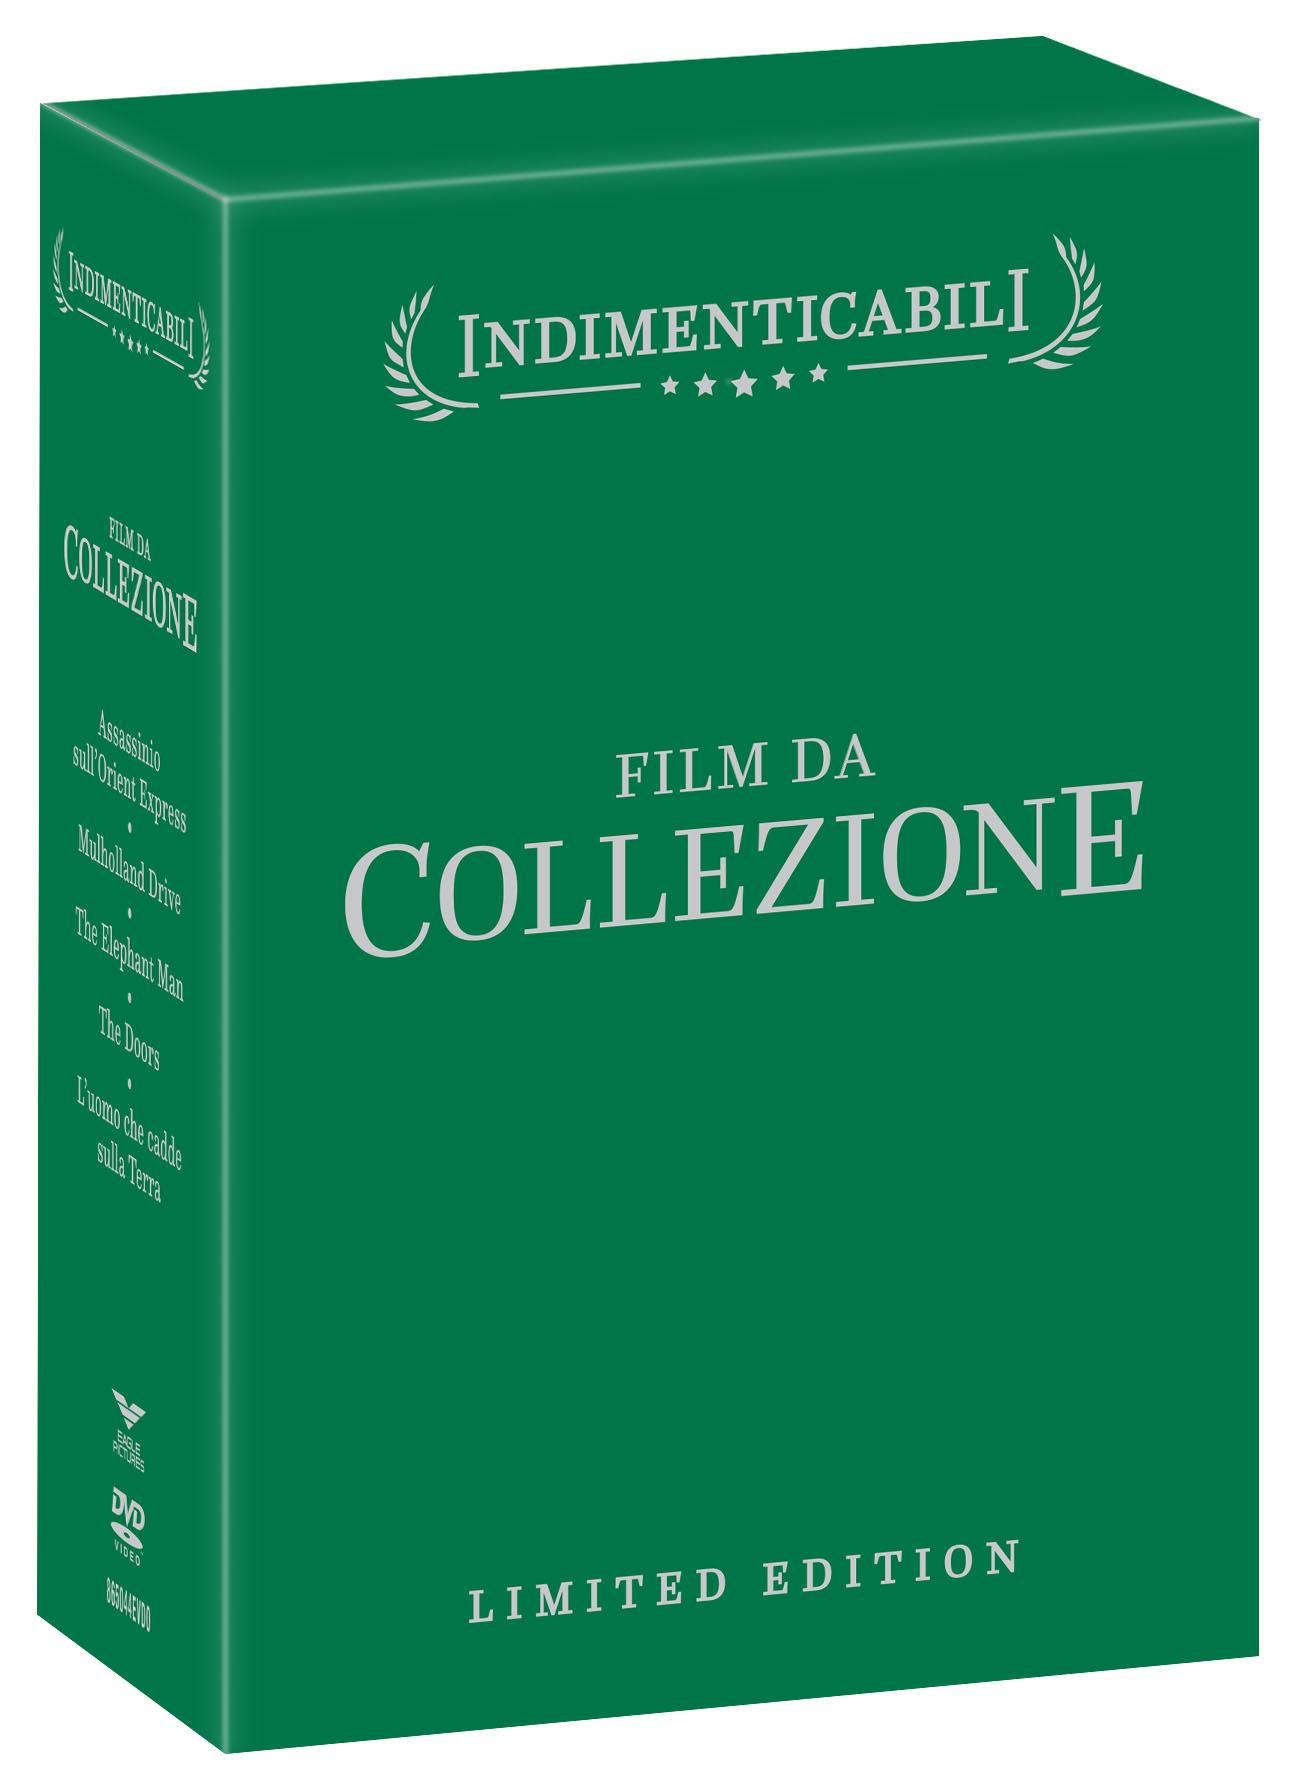 COF.FILM DA COLLEZIONE $ - COFANETTO INDIMENTICABILI (5 DVD) (DV